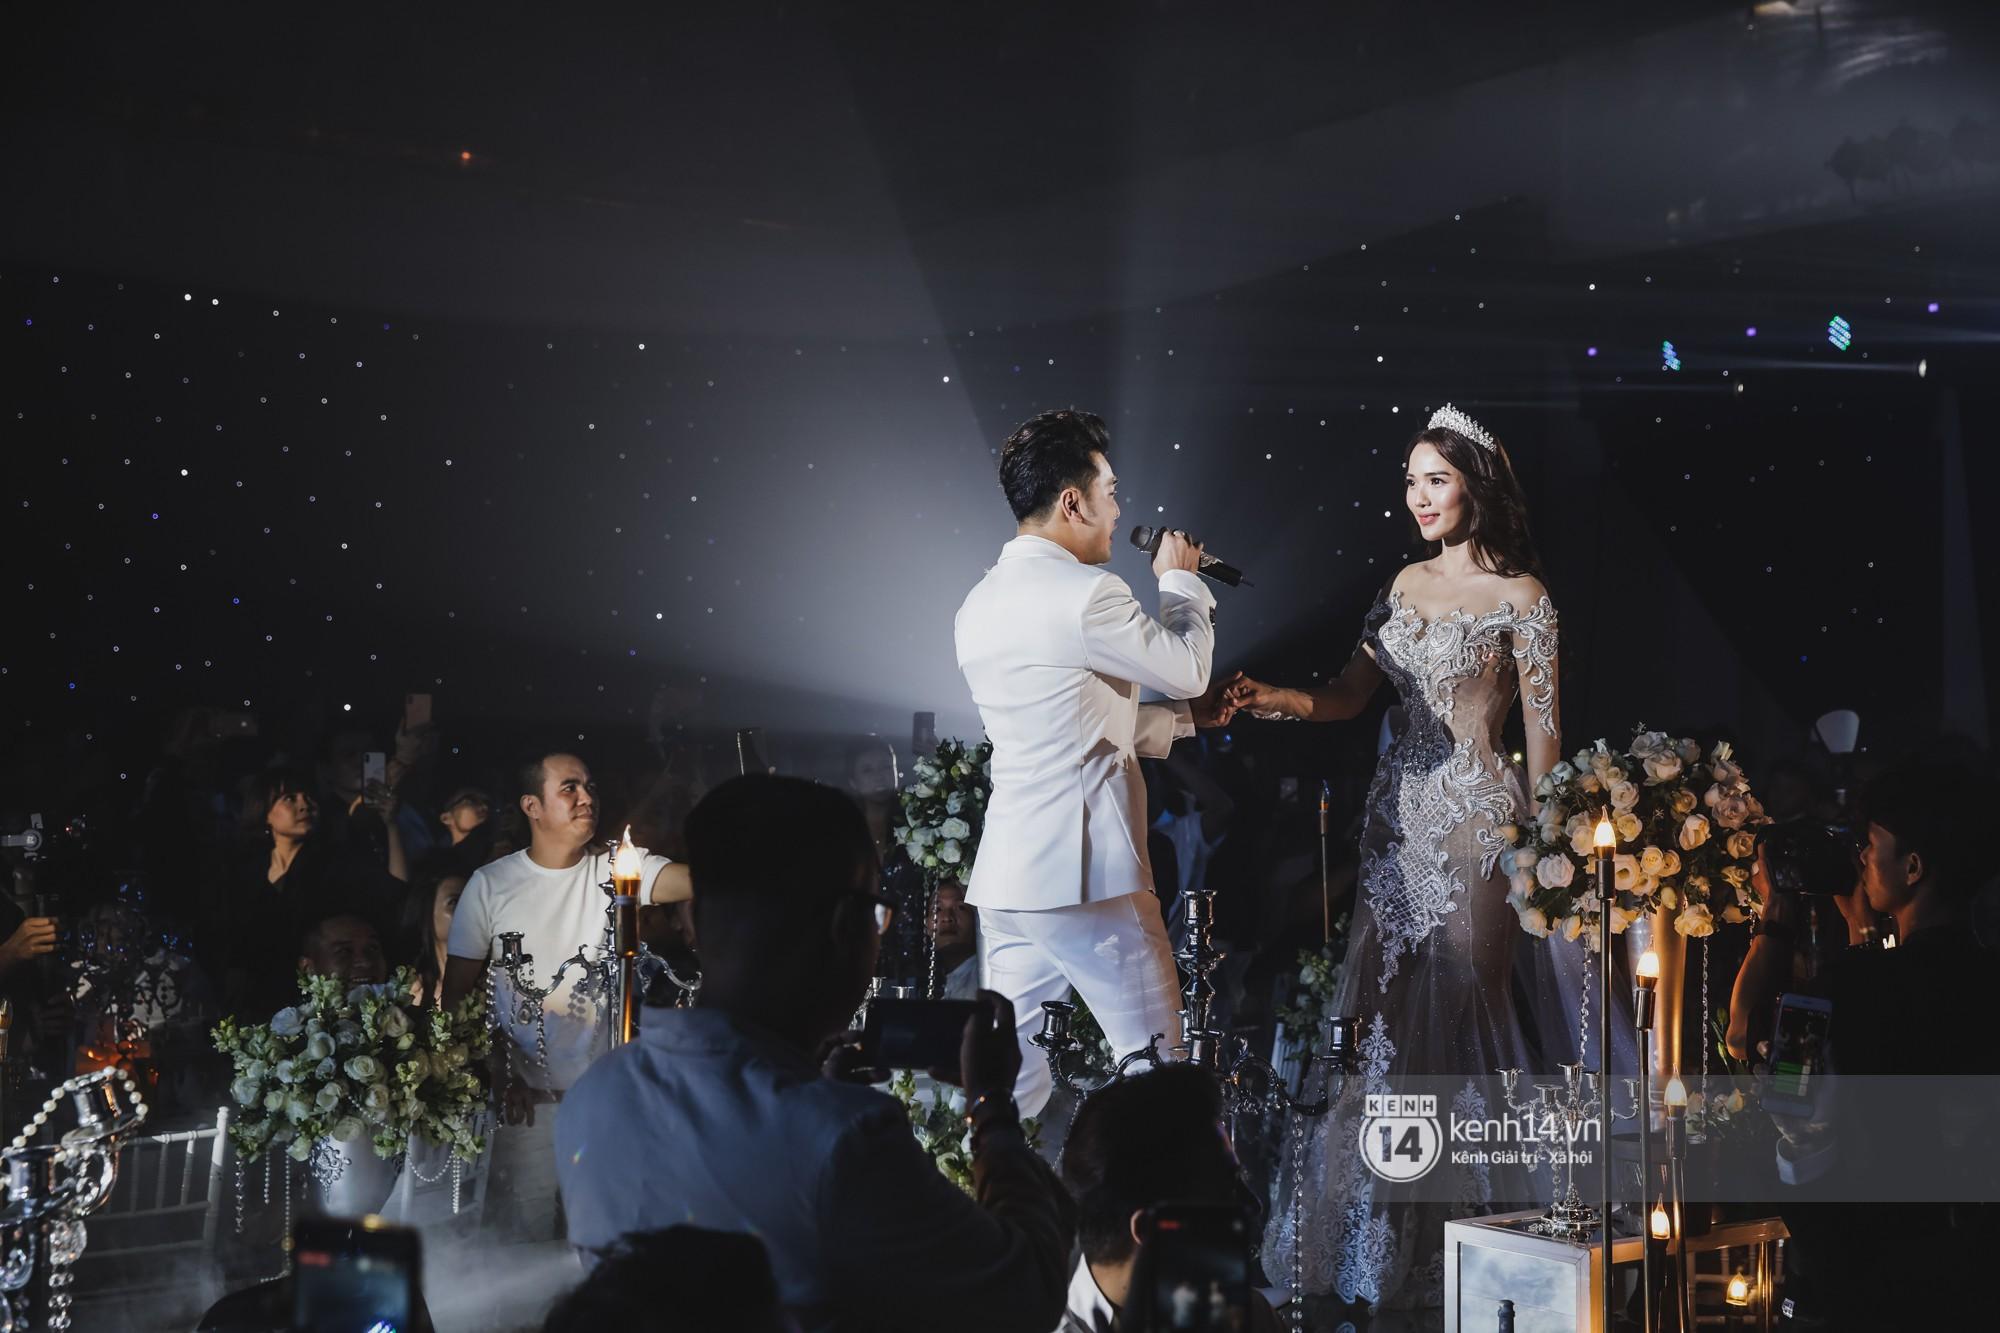 Điểm lại 5 đám cưới đình đám nhất showbiz Việt năm 2018: Xa hoa, lãng mạn và được bảo vệ nghiêm ngặt tới từng chi tiết - Ảnh 18.